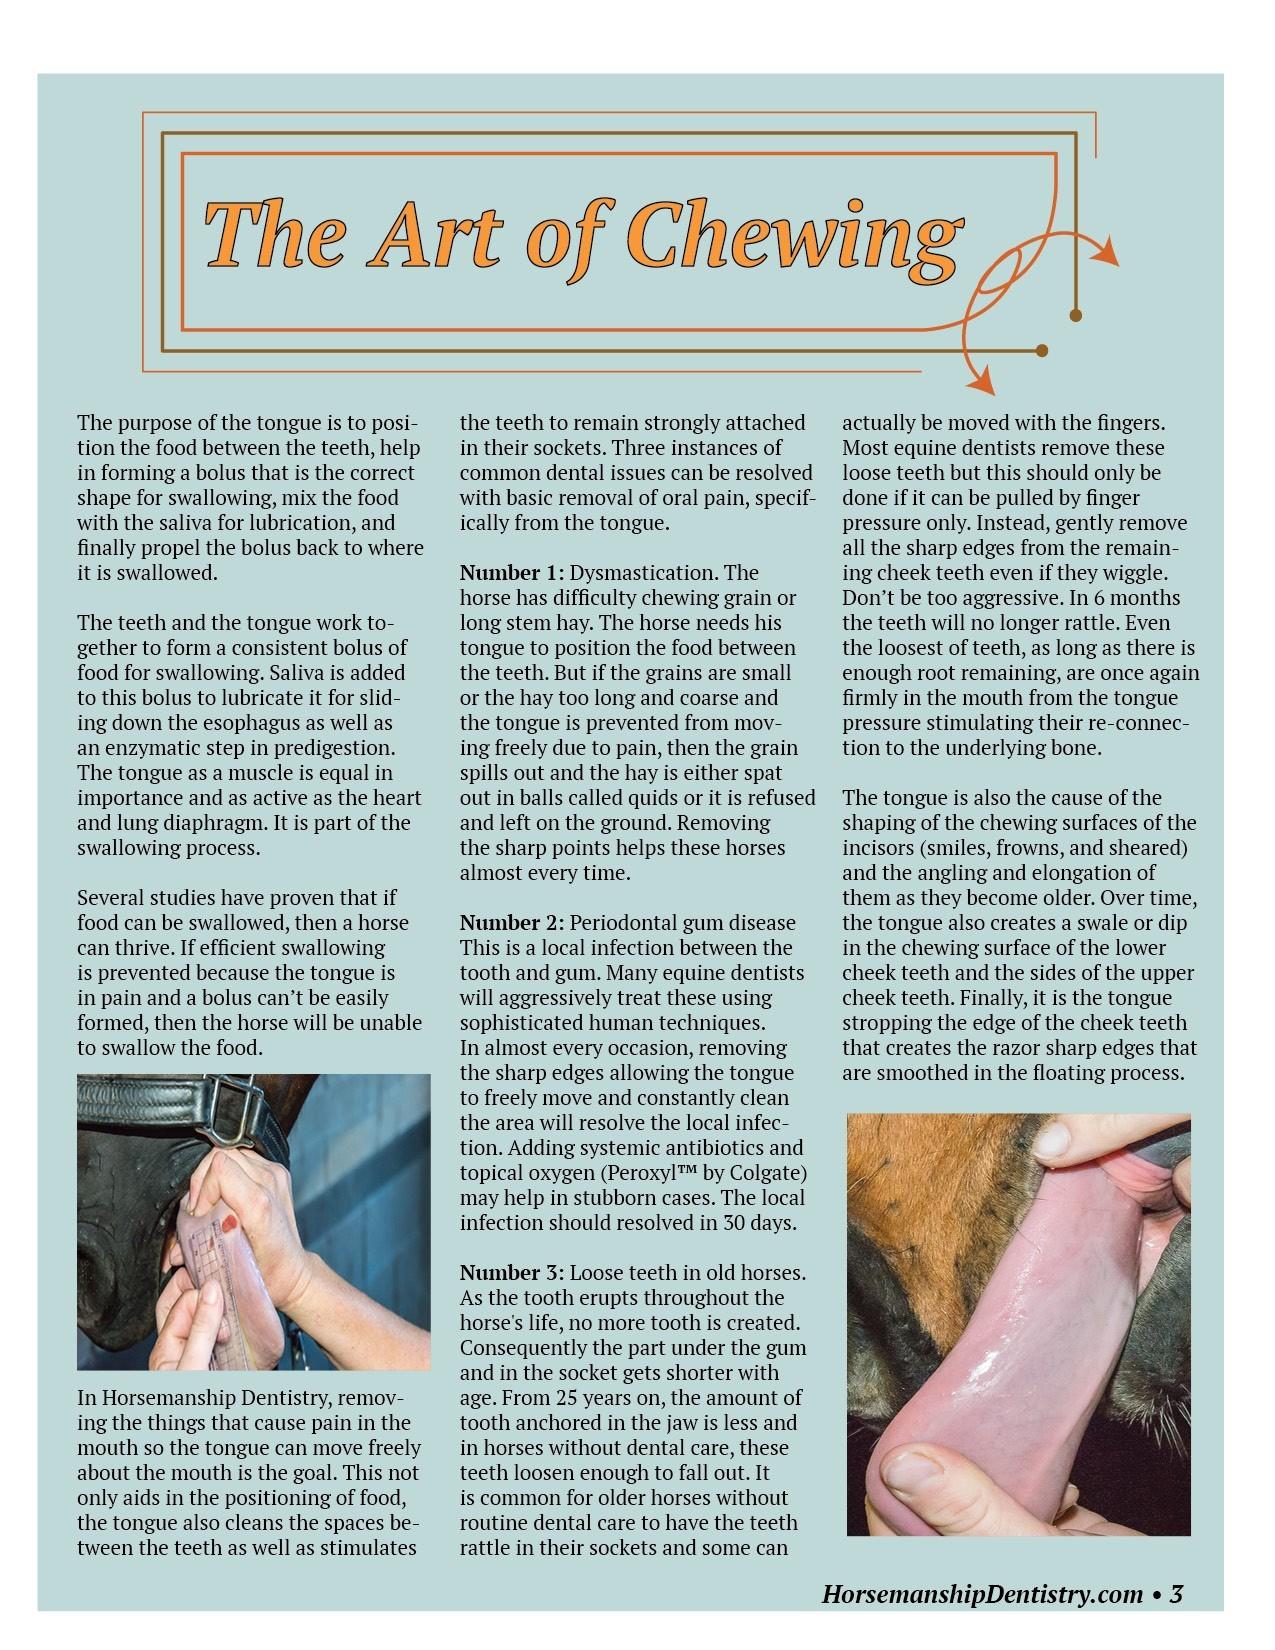 Horsemanship Dentistry Newsletter Volume 1 page 3